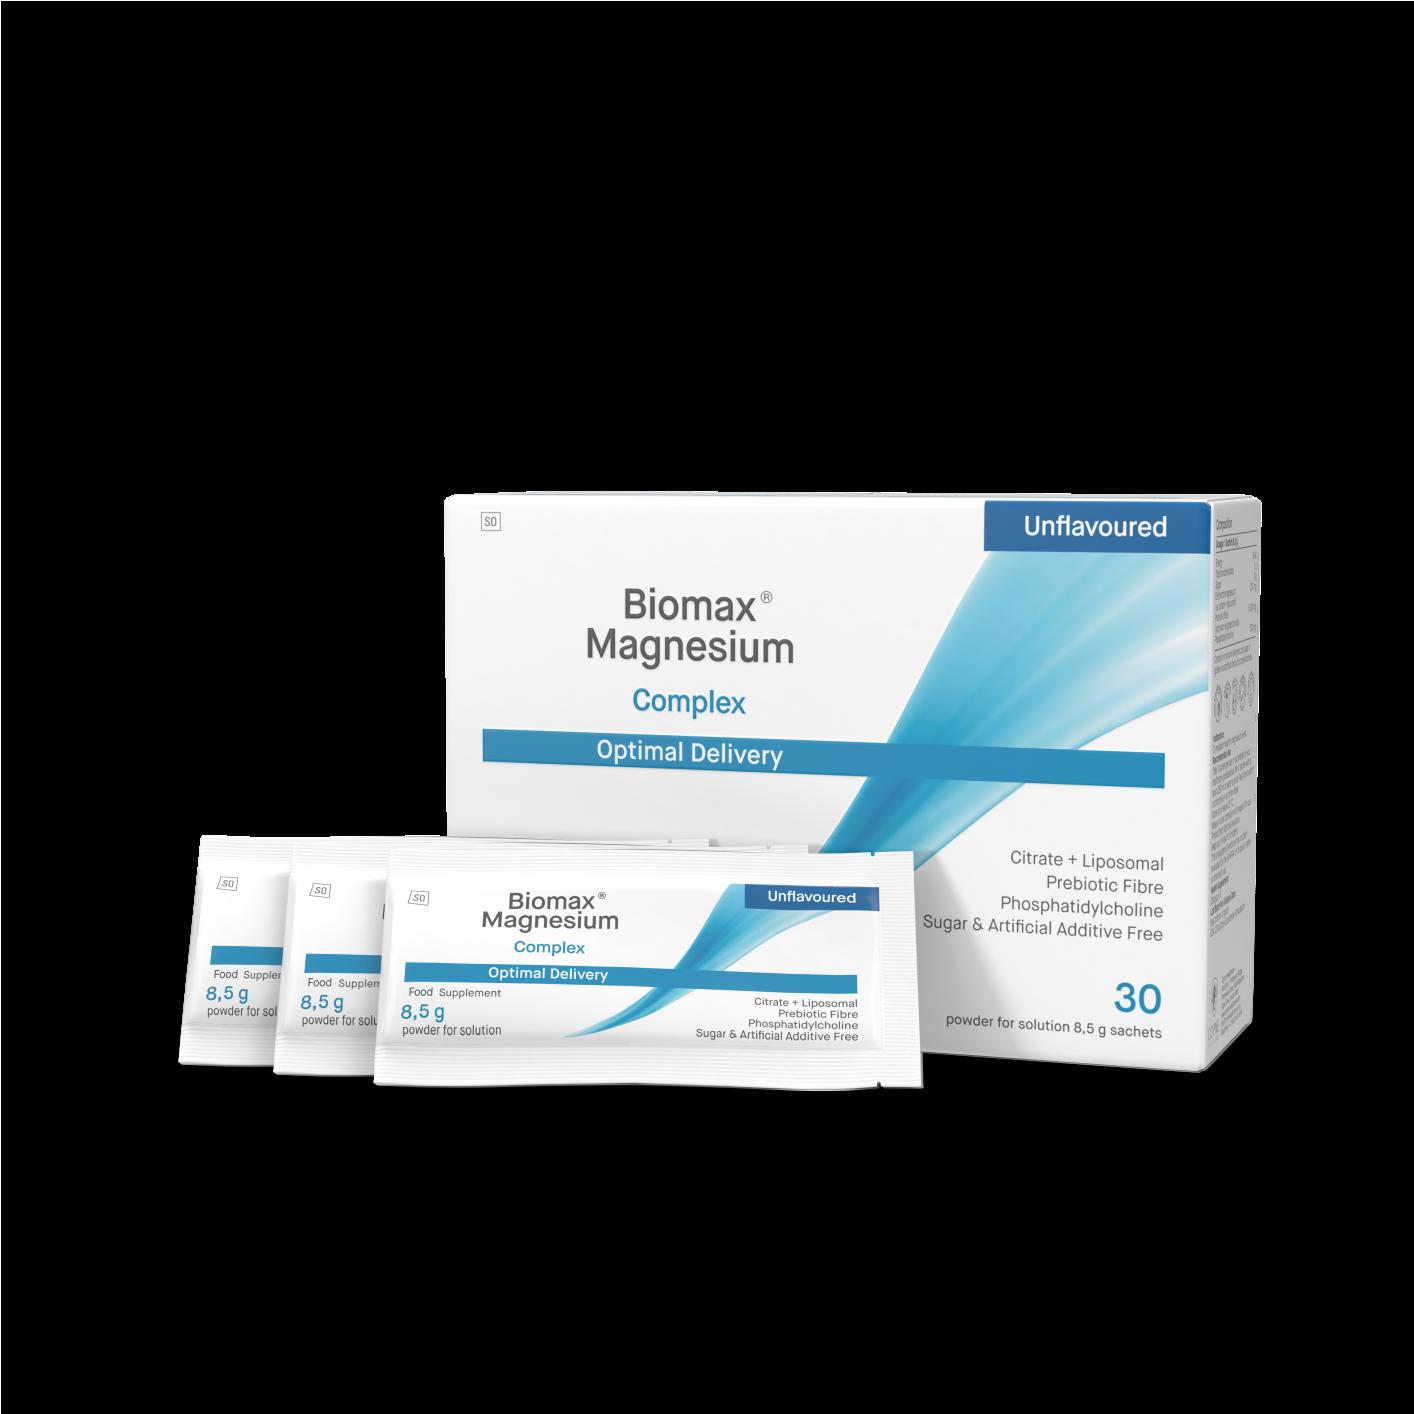 Biomax Magnesium Complex Unflavoured 30's